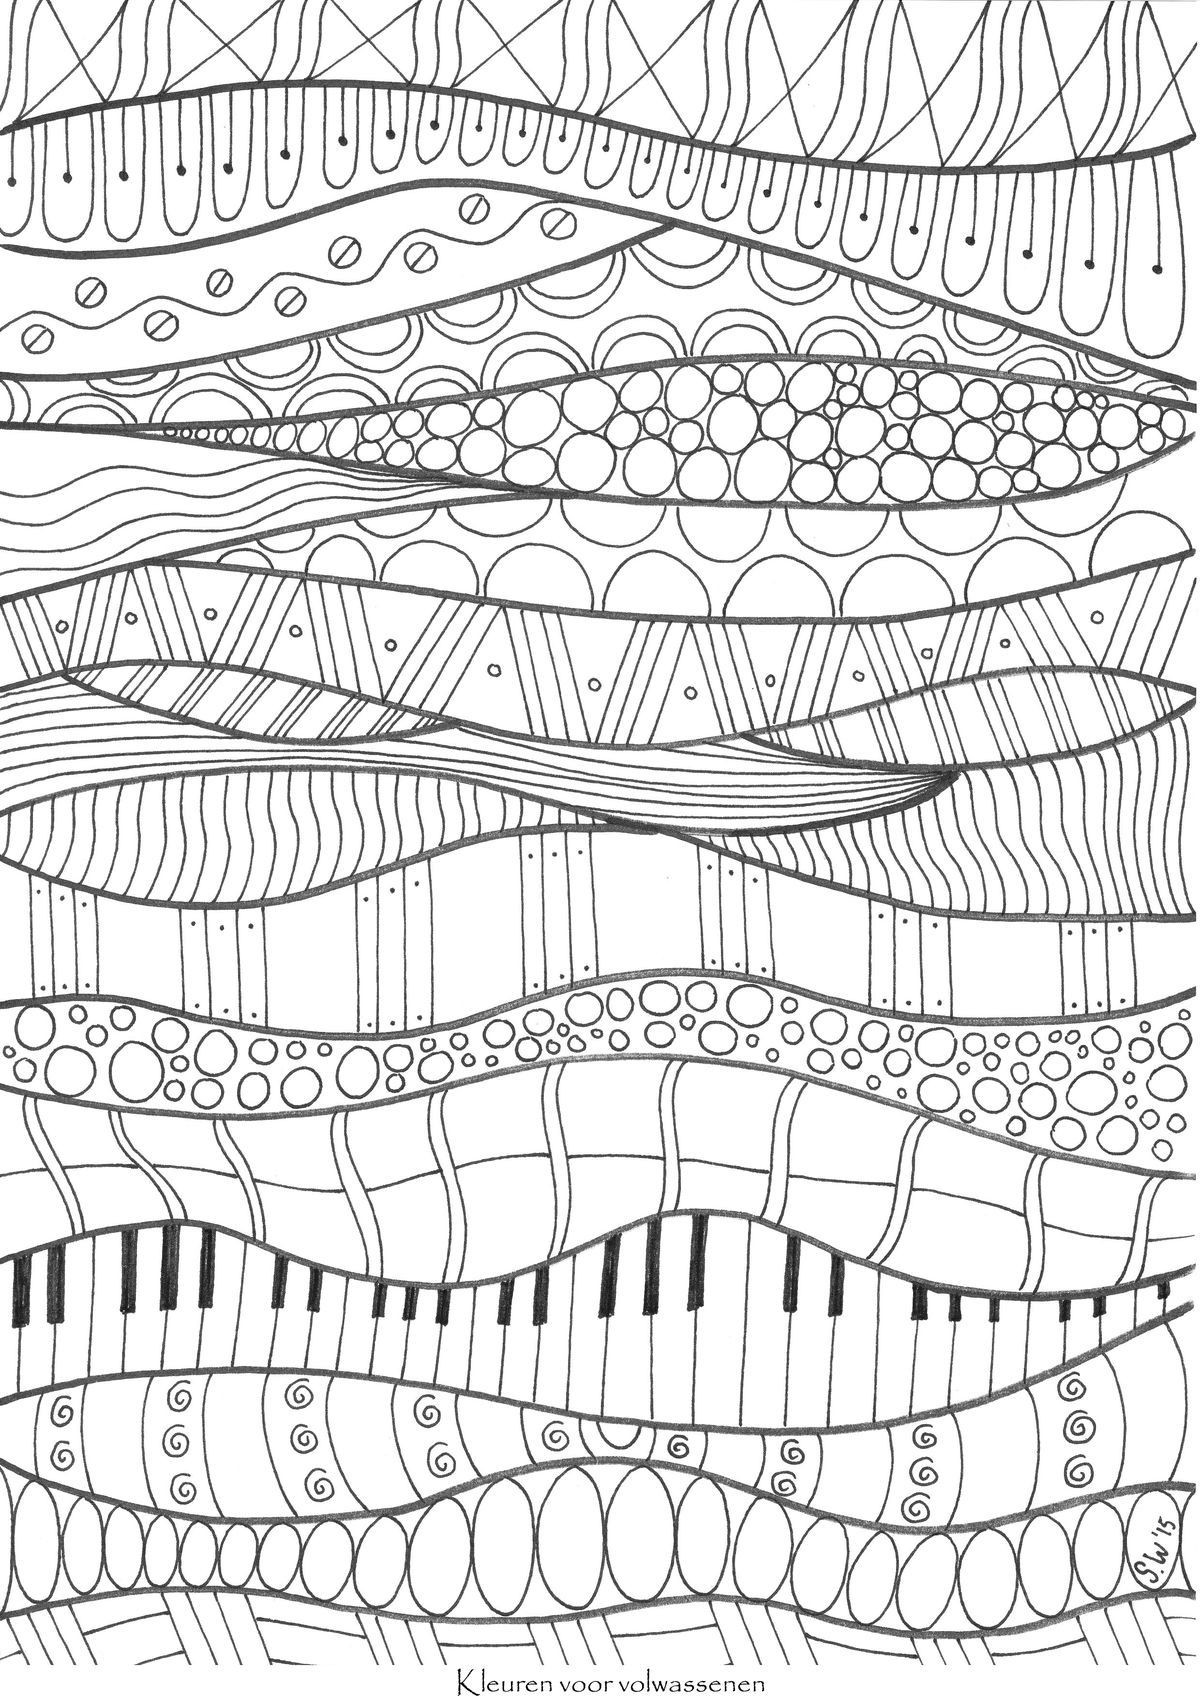 Geometrische Muster Zum Ausmalen Frisch C85bc745b90e Db9af48ae9db 1 200—1 696 Pixel Galerie